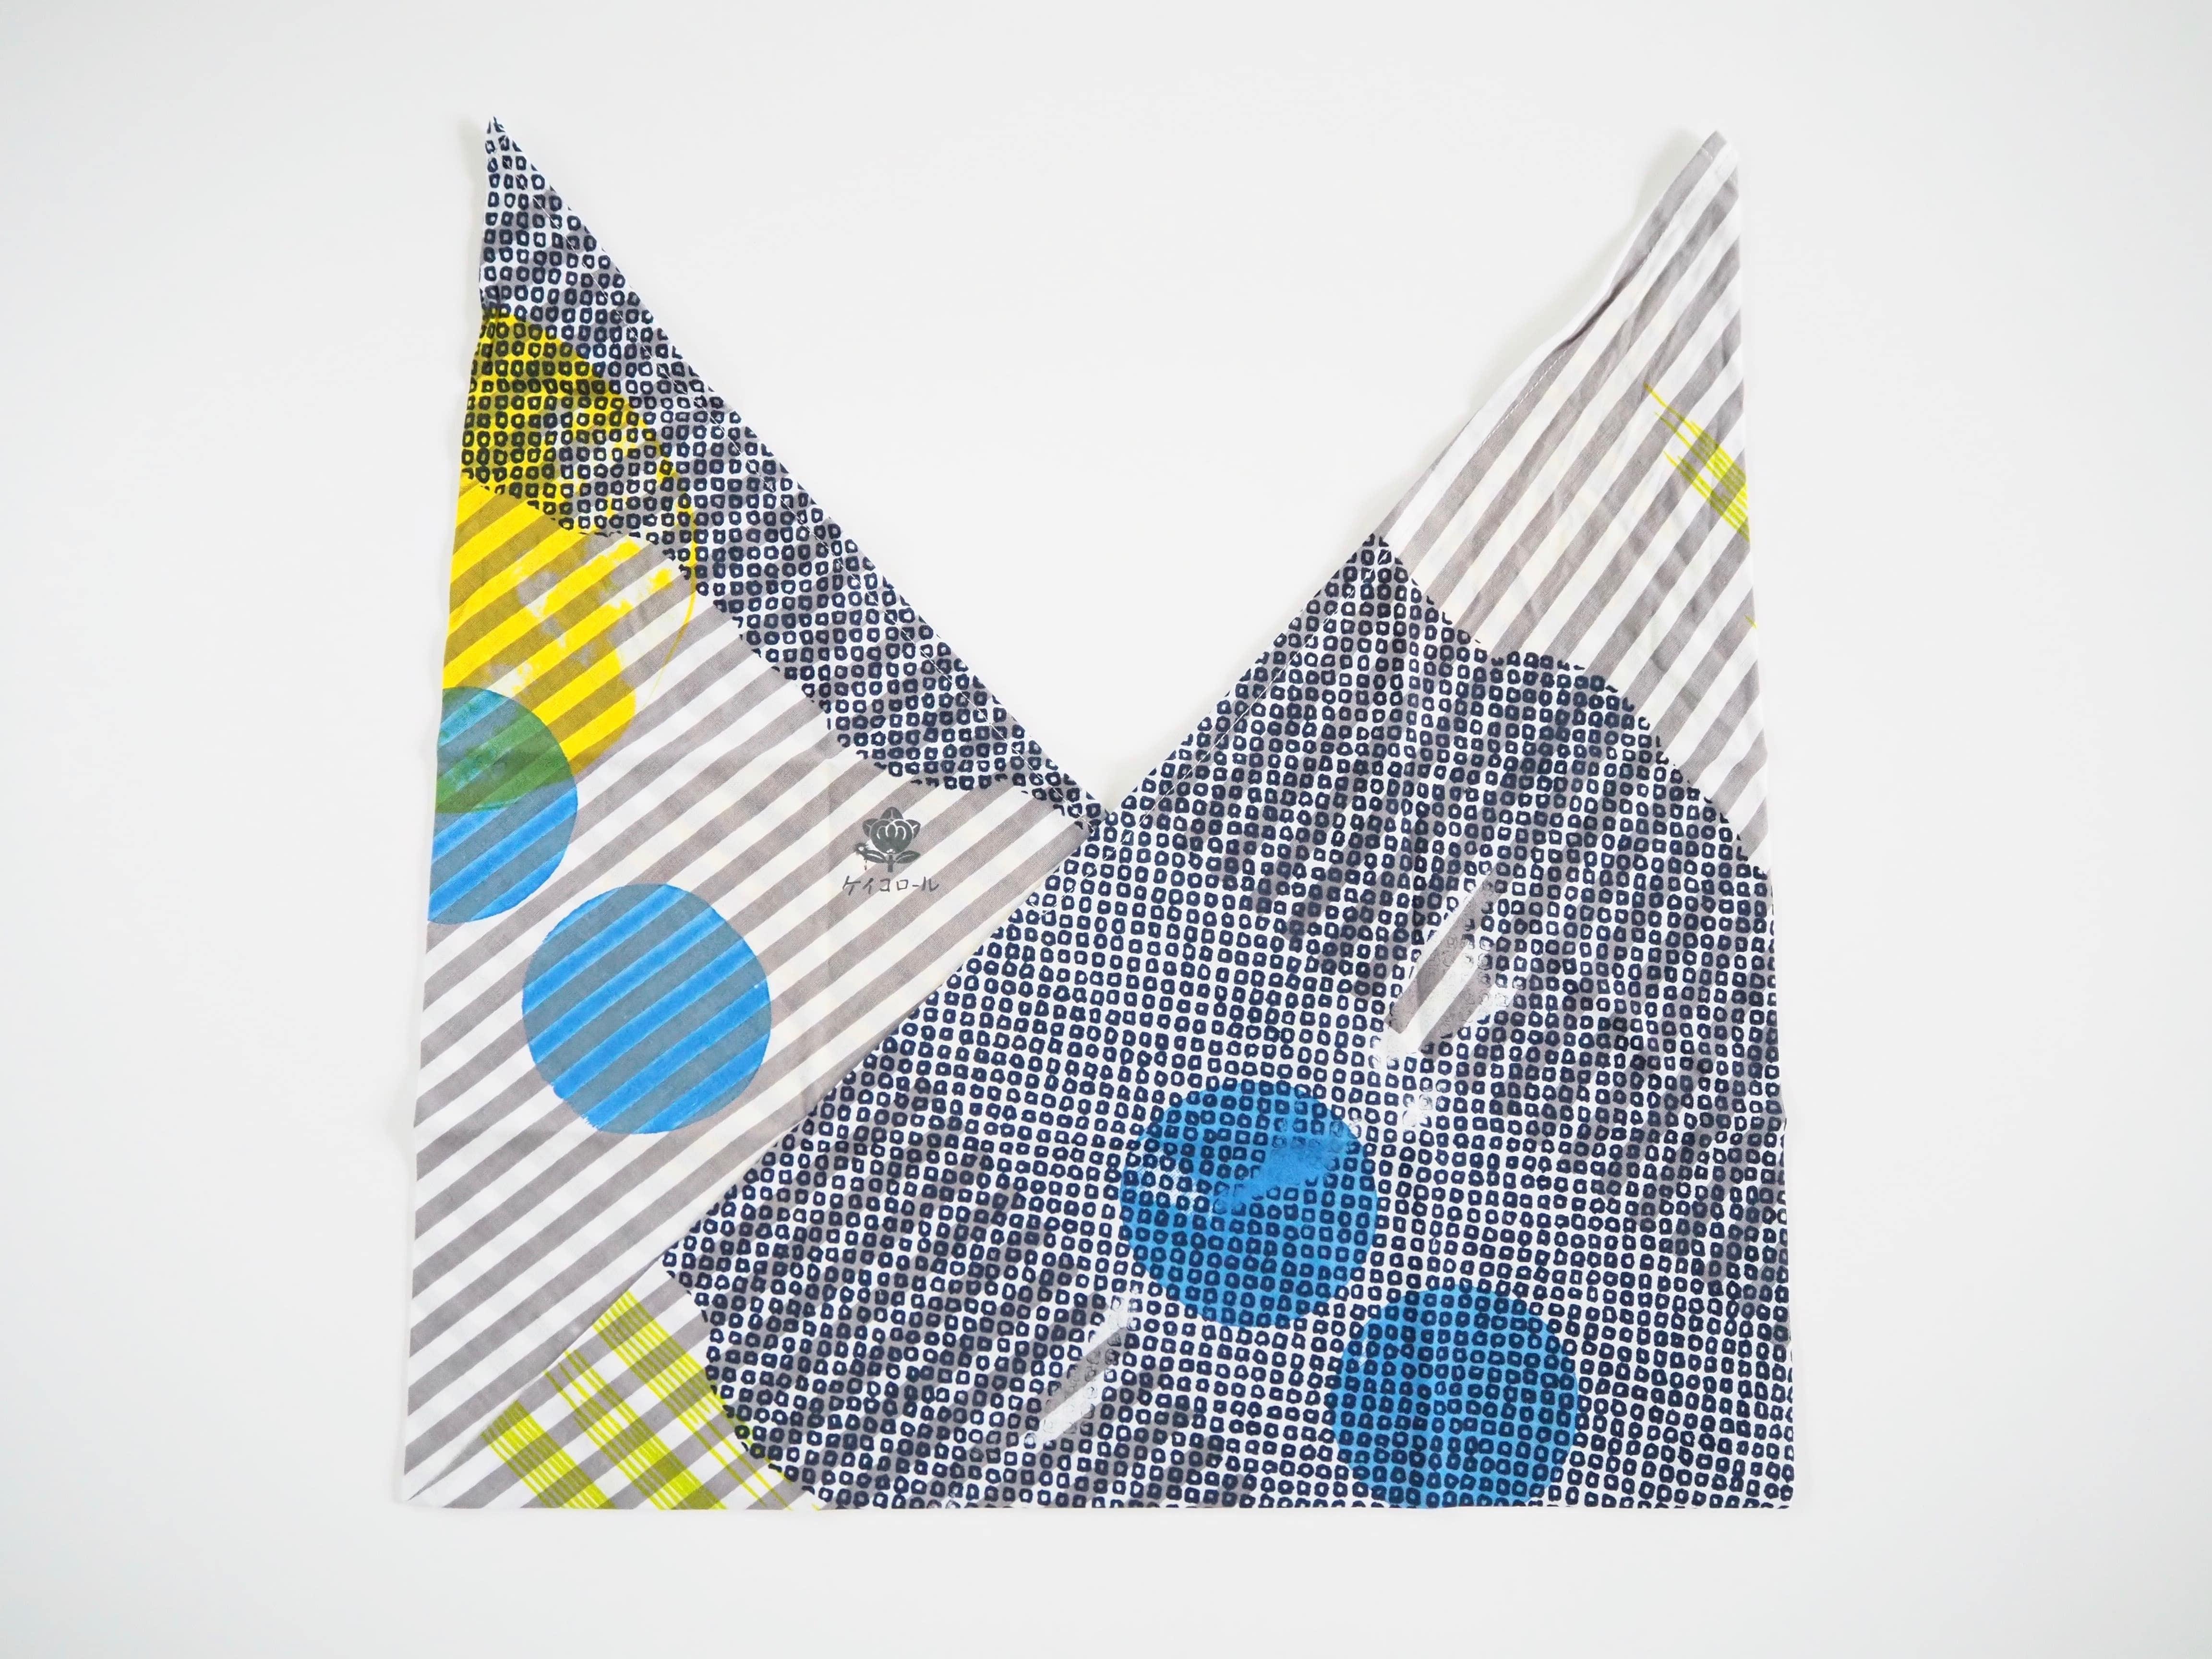 ケイコロール  あずま袋 「中太の縞と疋田と大丸と小丸とかすみ」